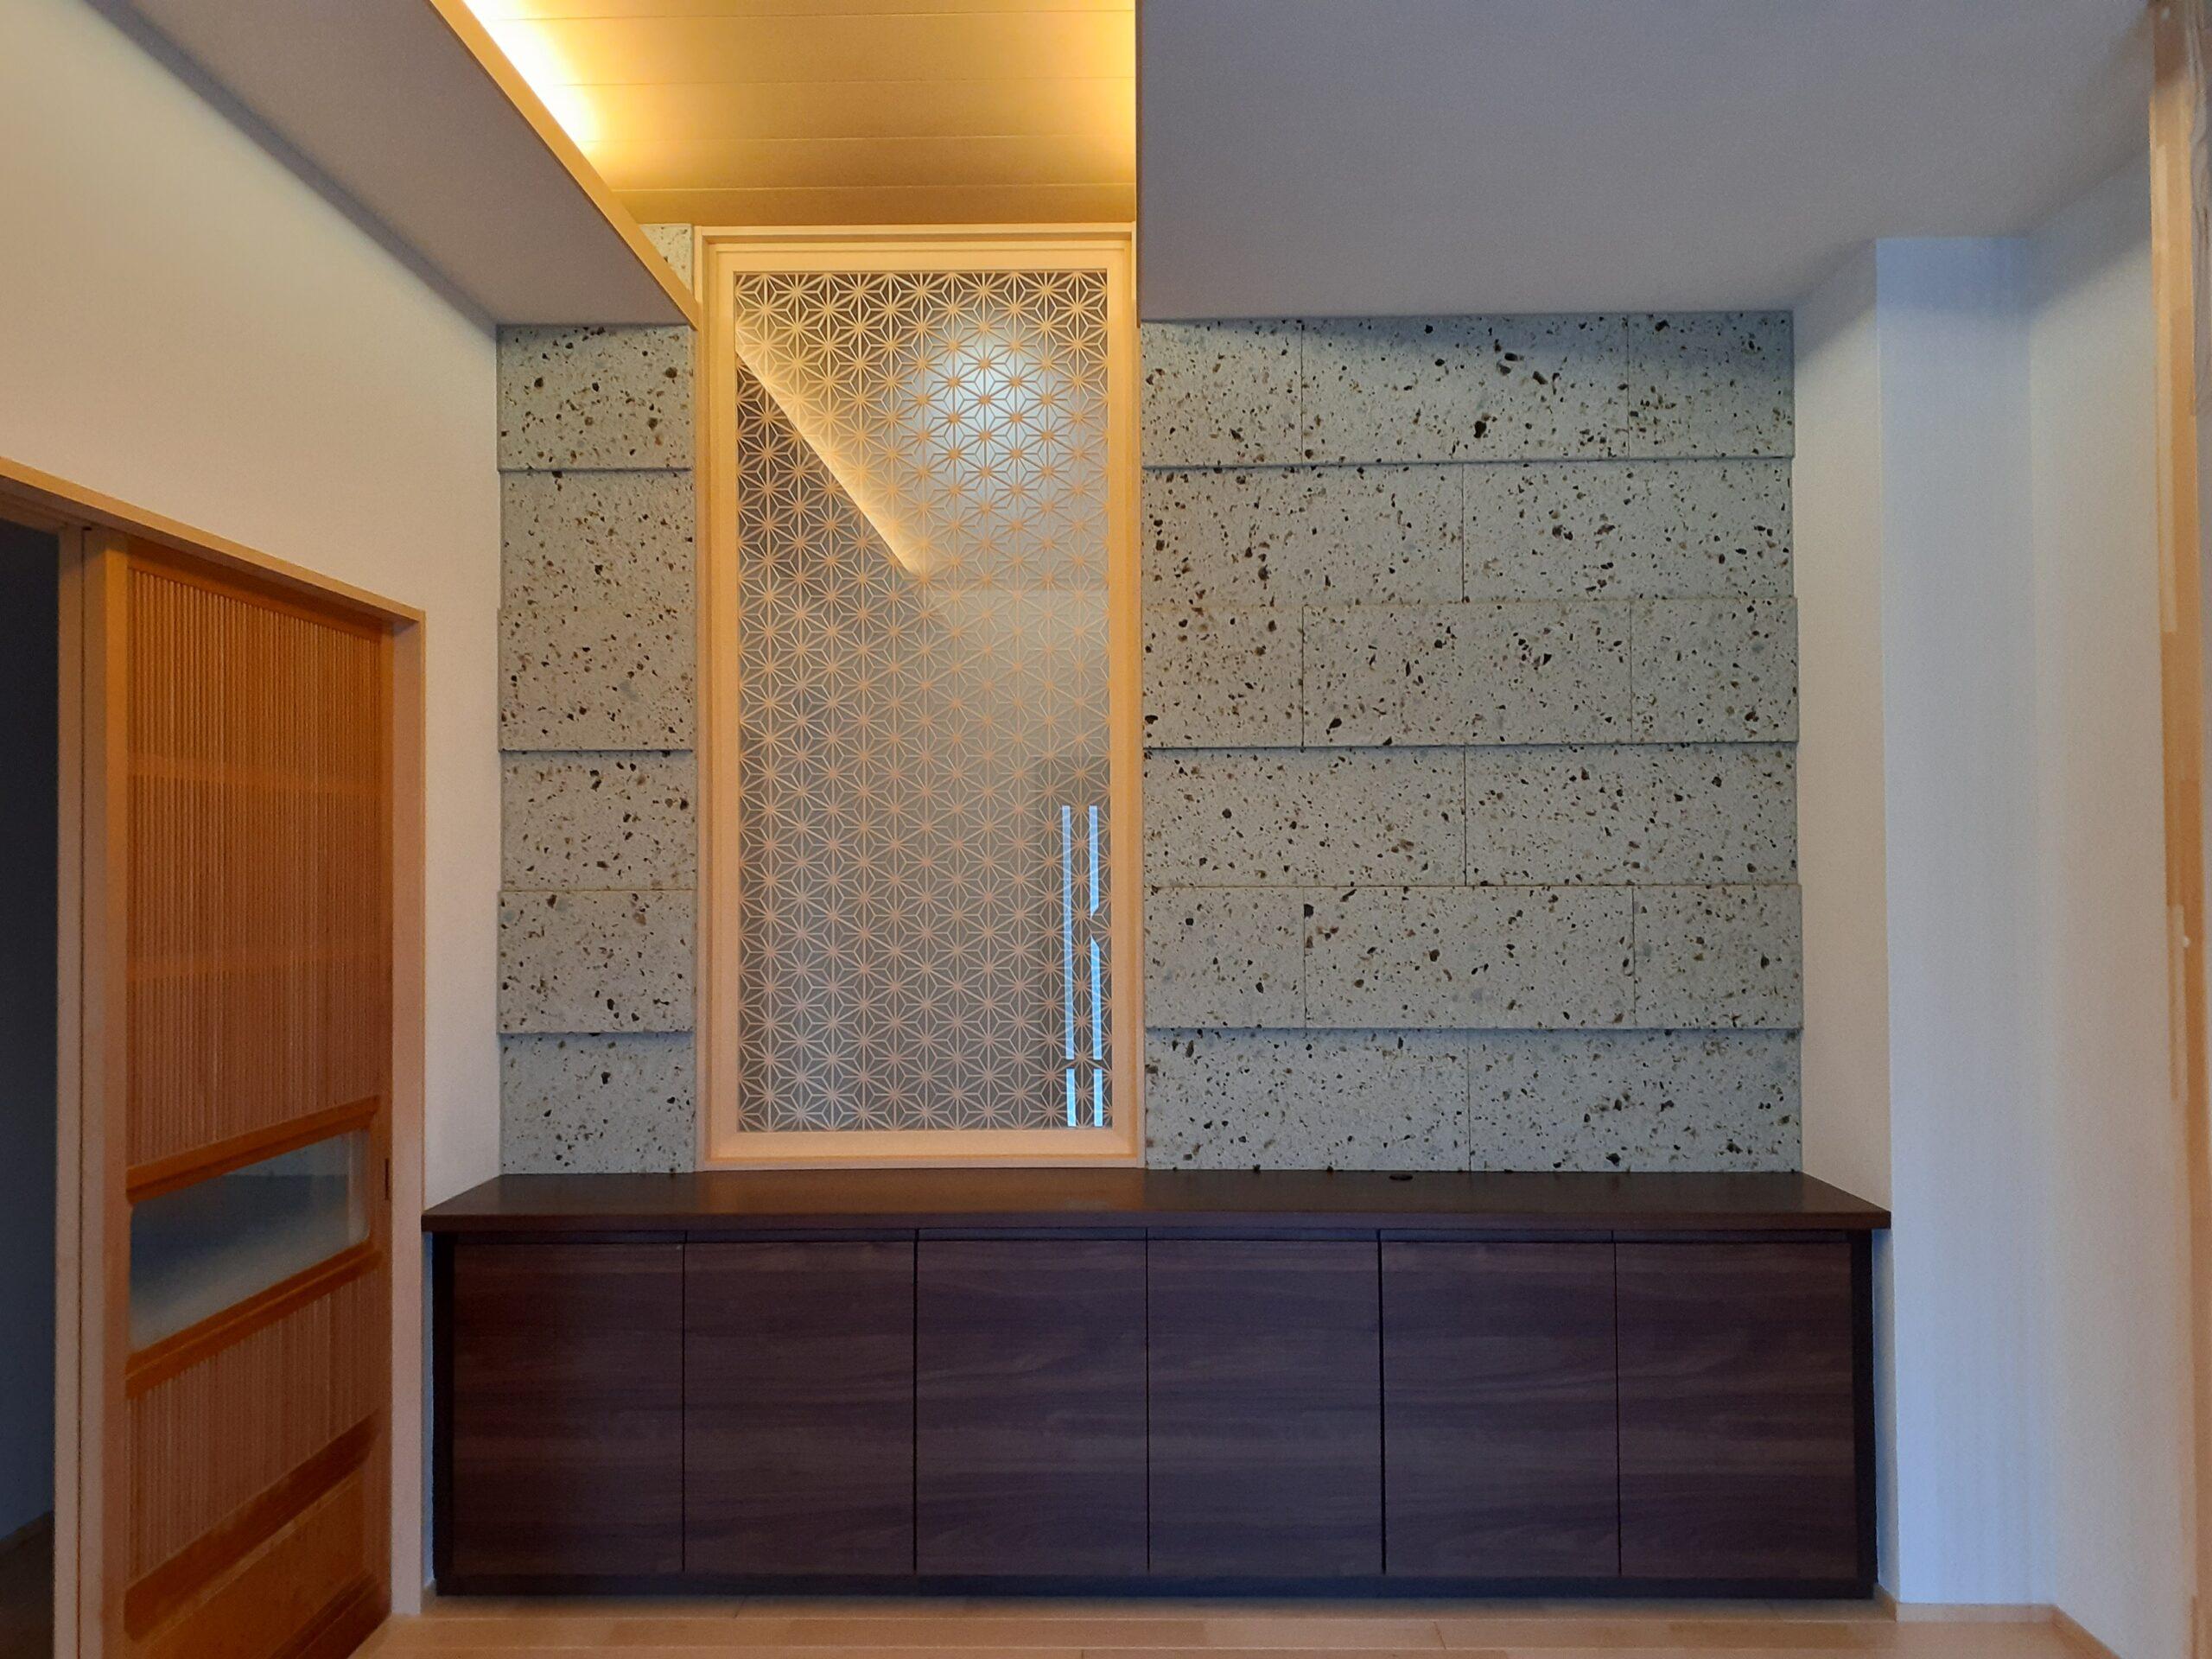 住友林業ホームテック様施工、壬生町K様邸です。玄関ホールとリビングのTV背面に施工しました。